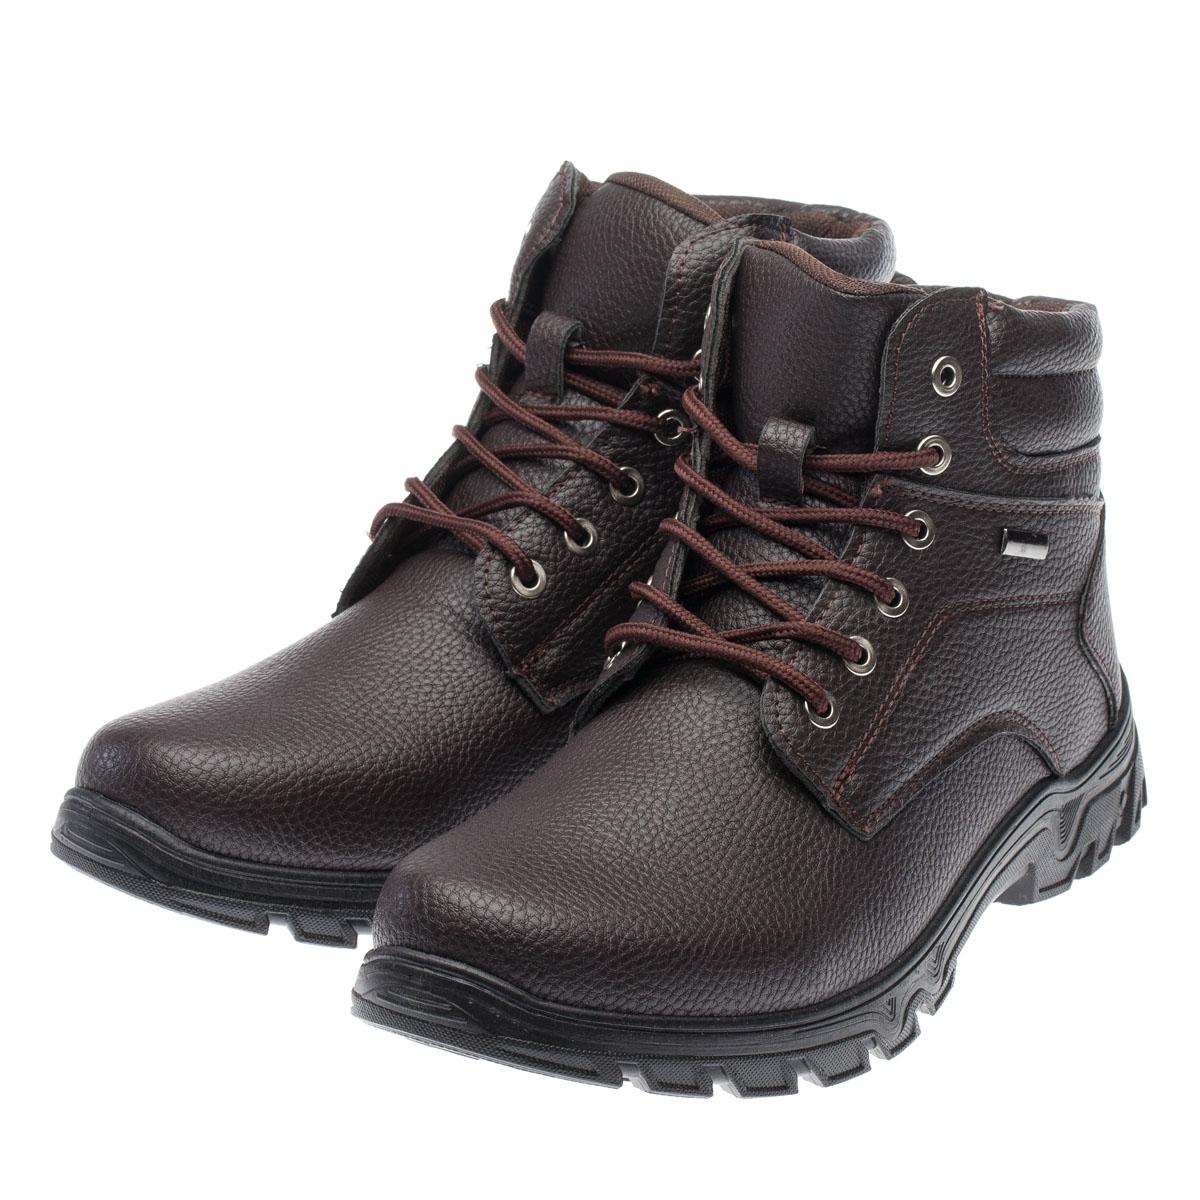 Фото - Ботинки демисезонные FERTO, GB2006 ботинки демисезонные ferto skl 008